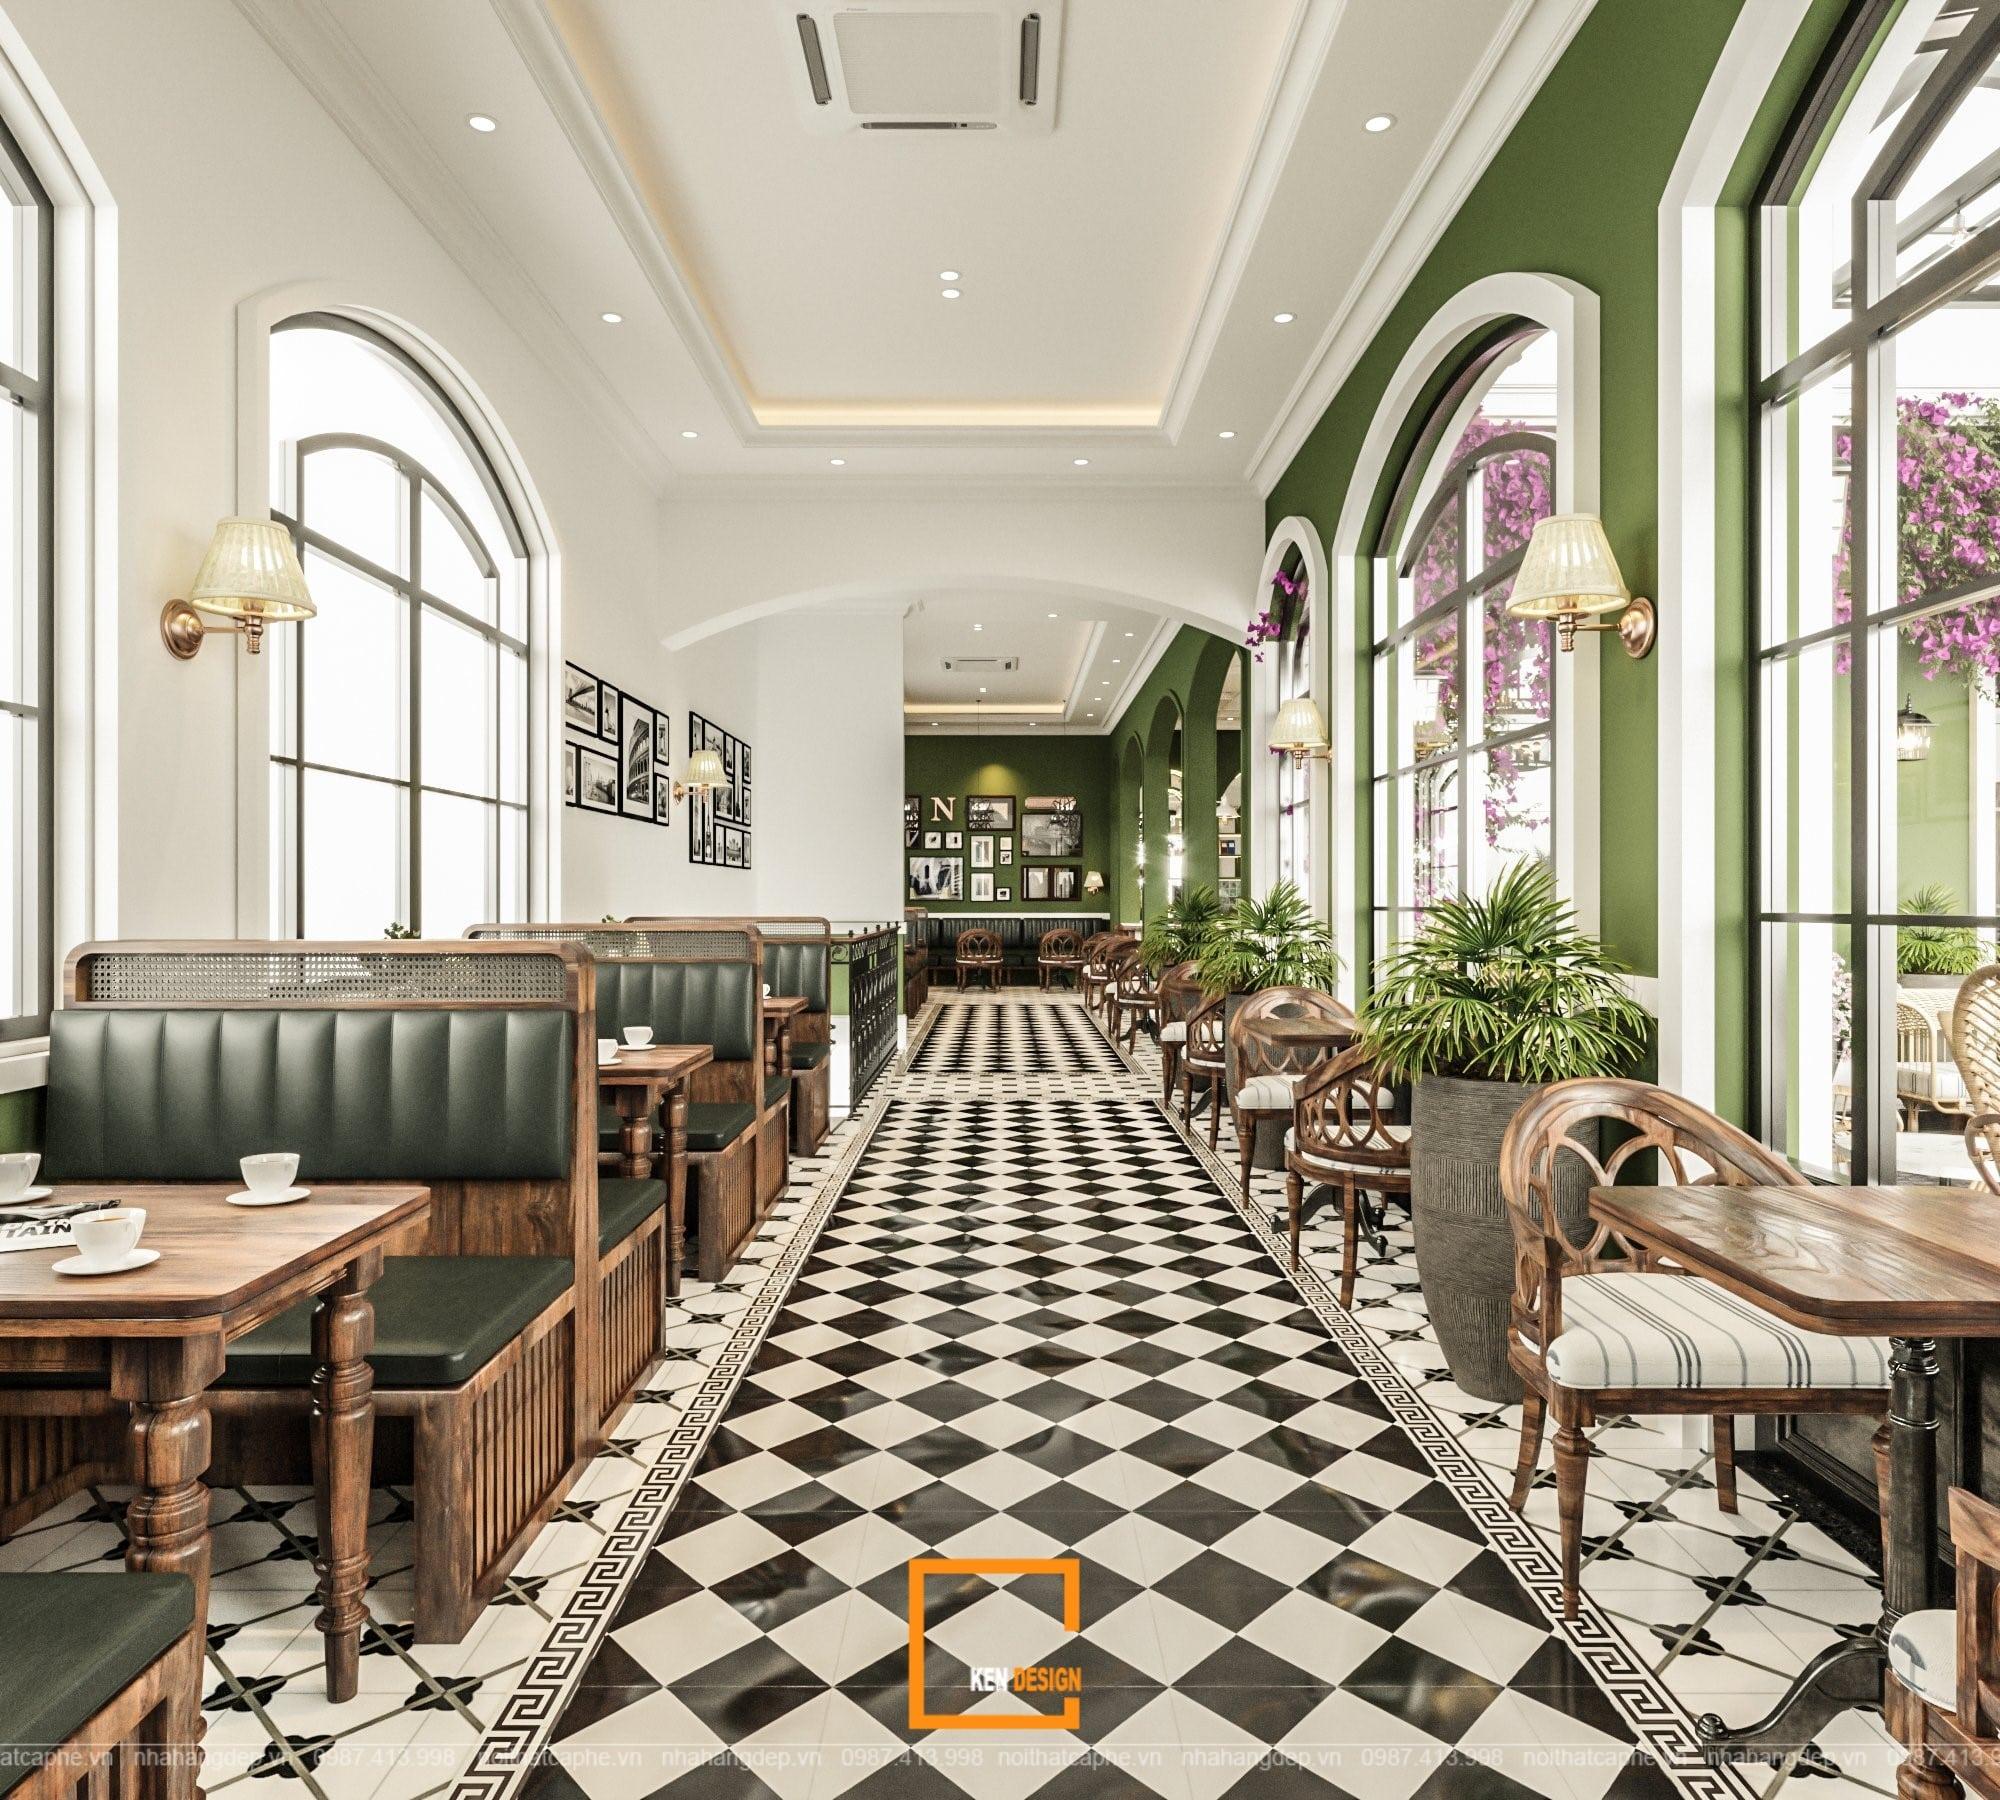 Thiết kế quán Boutique Coffee - Phải lòng mùa xuân Nam Âu